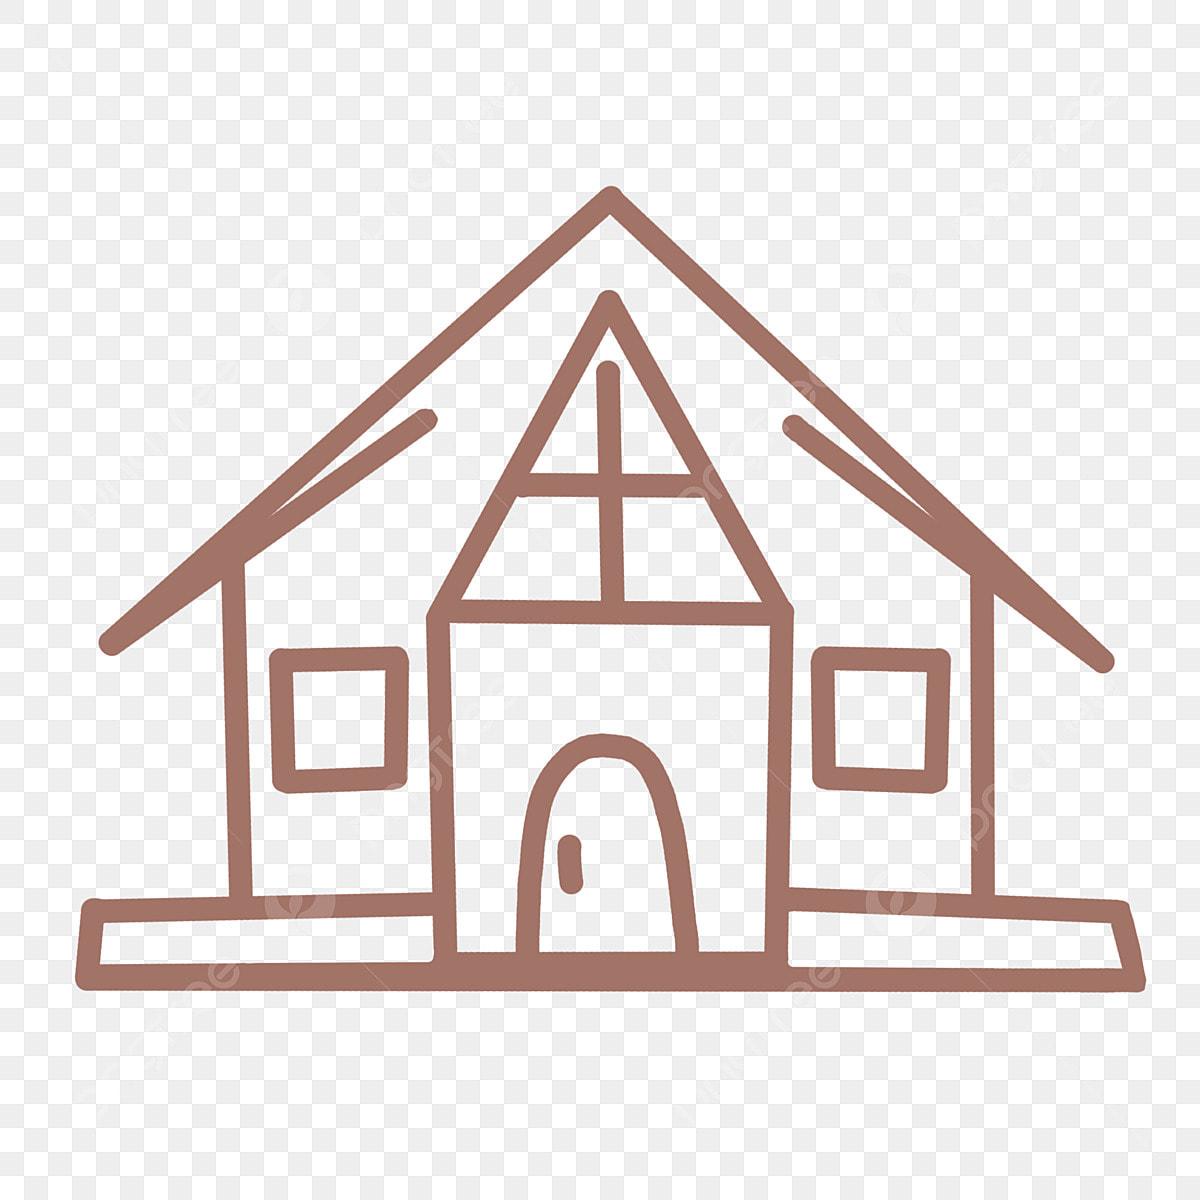 Ligne Maison Simple Png Maison Dessin Anime Dessine A La Main Adorables Petits Autocollants Fichier Png Et Psd Pour Le Telechargement Libre